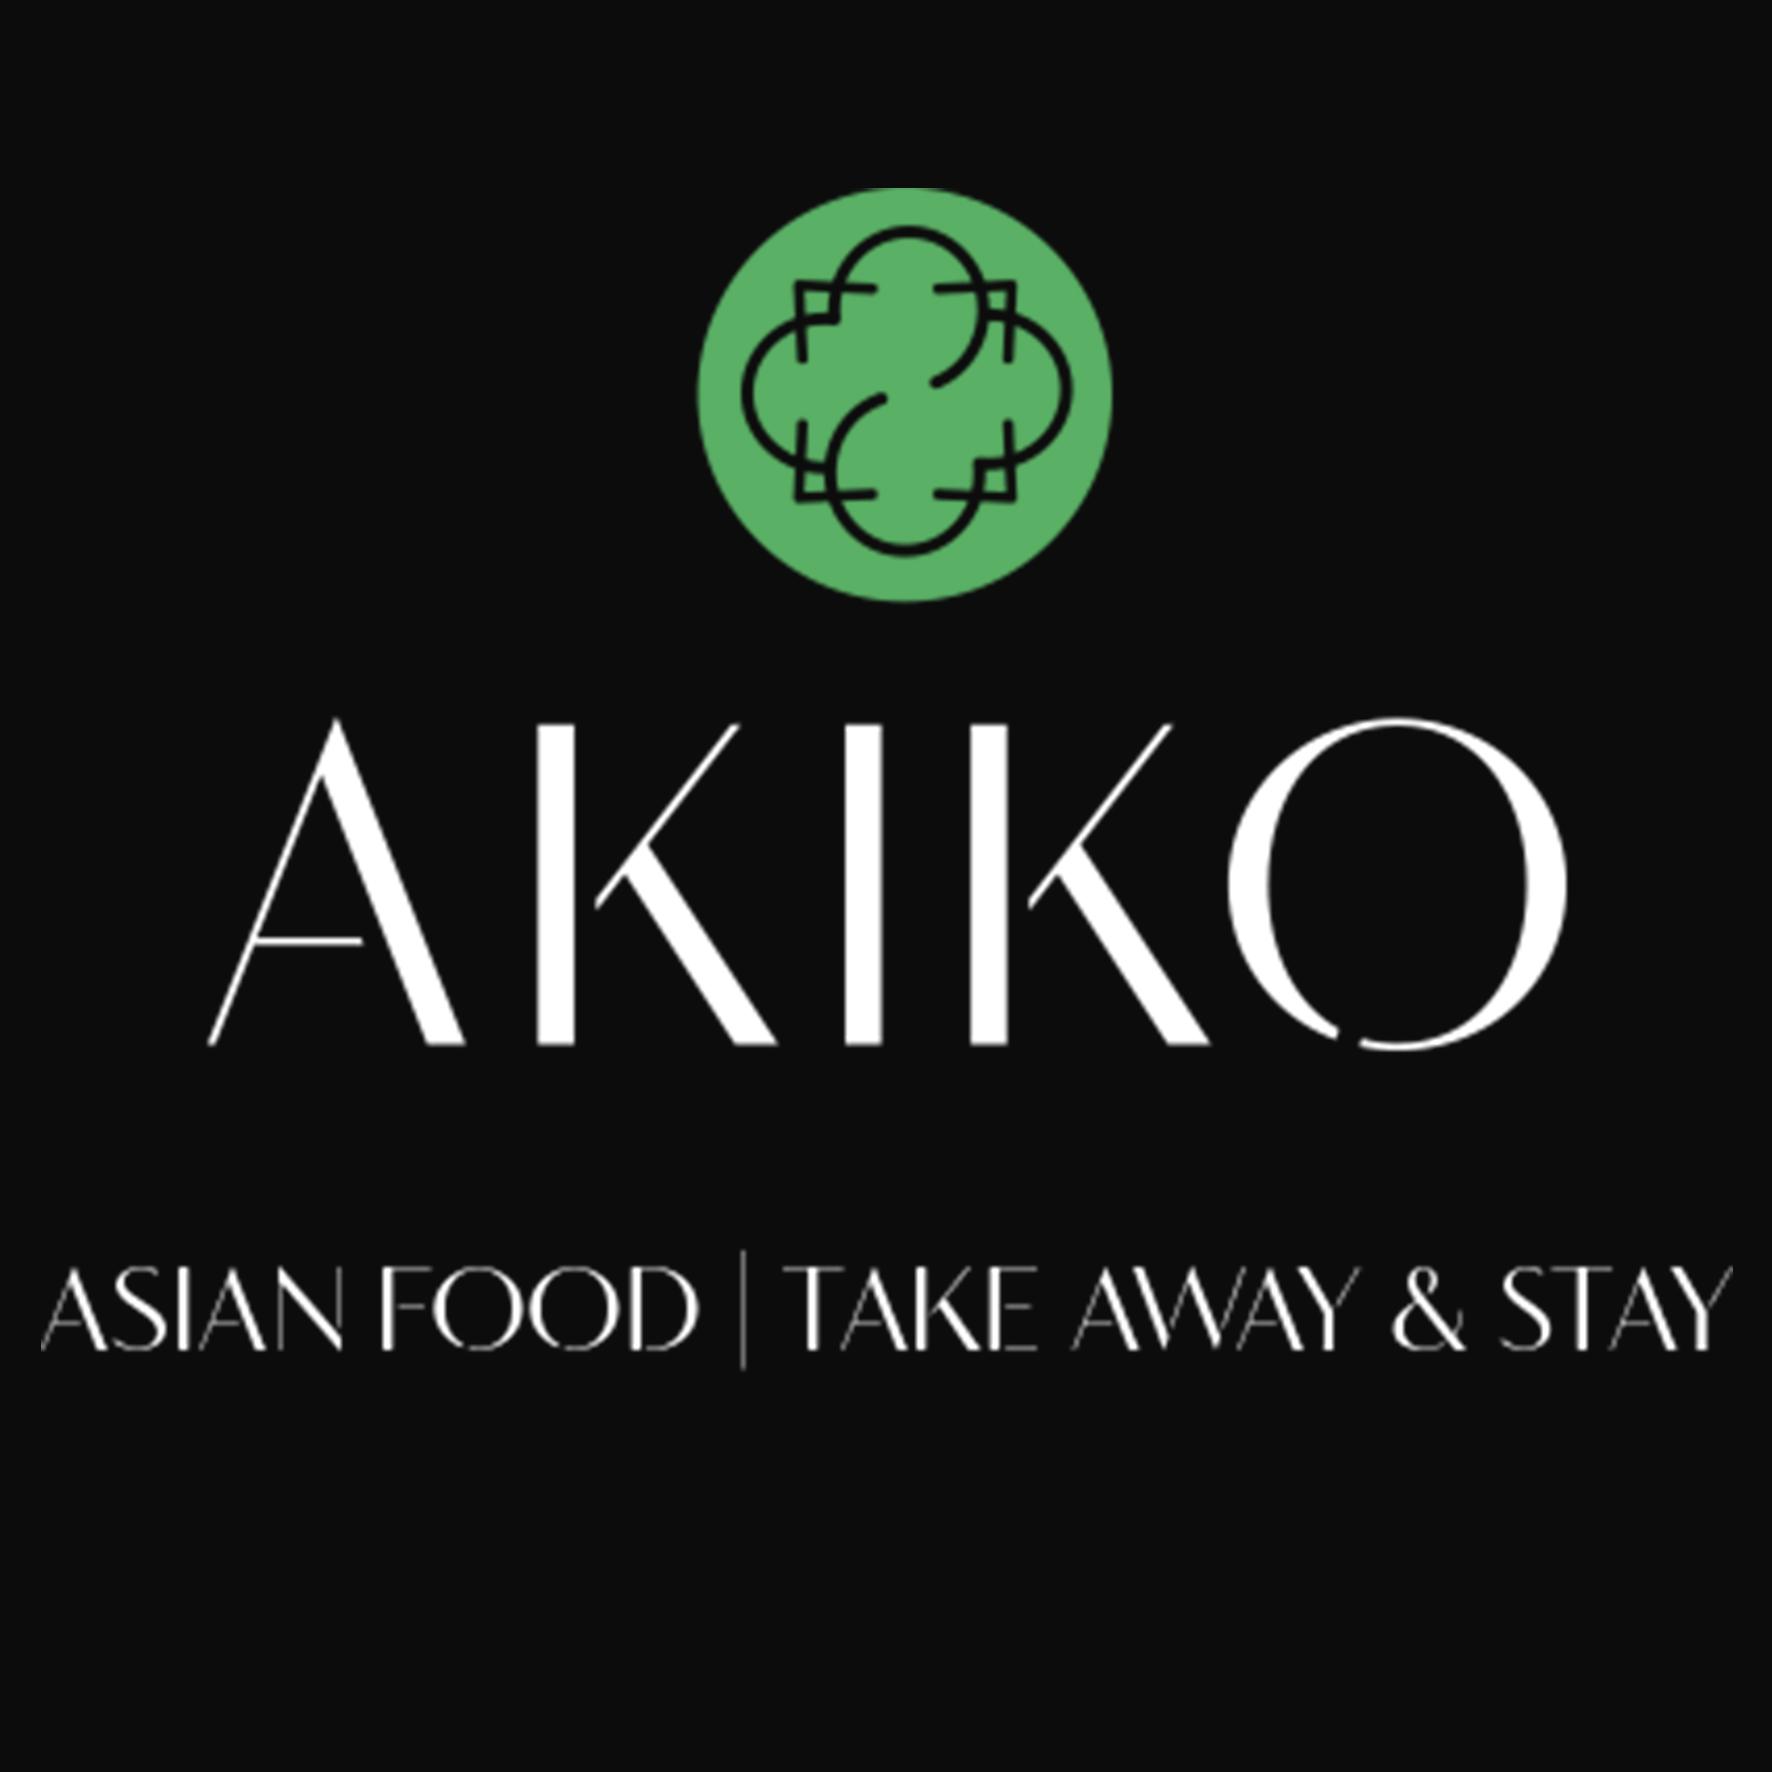 Akiko logo